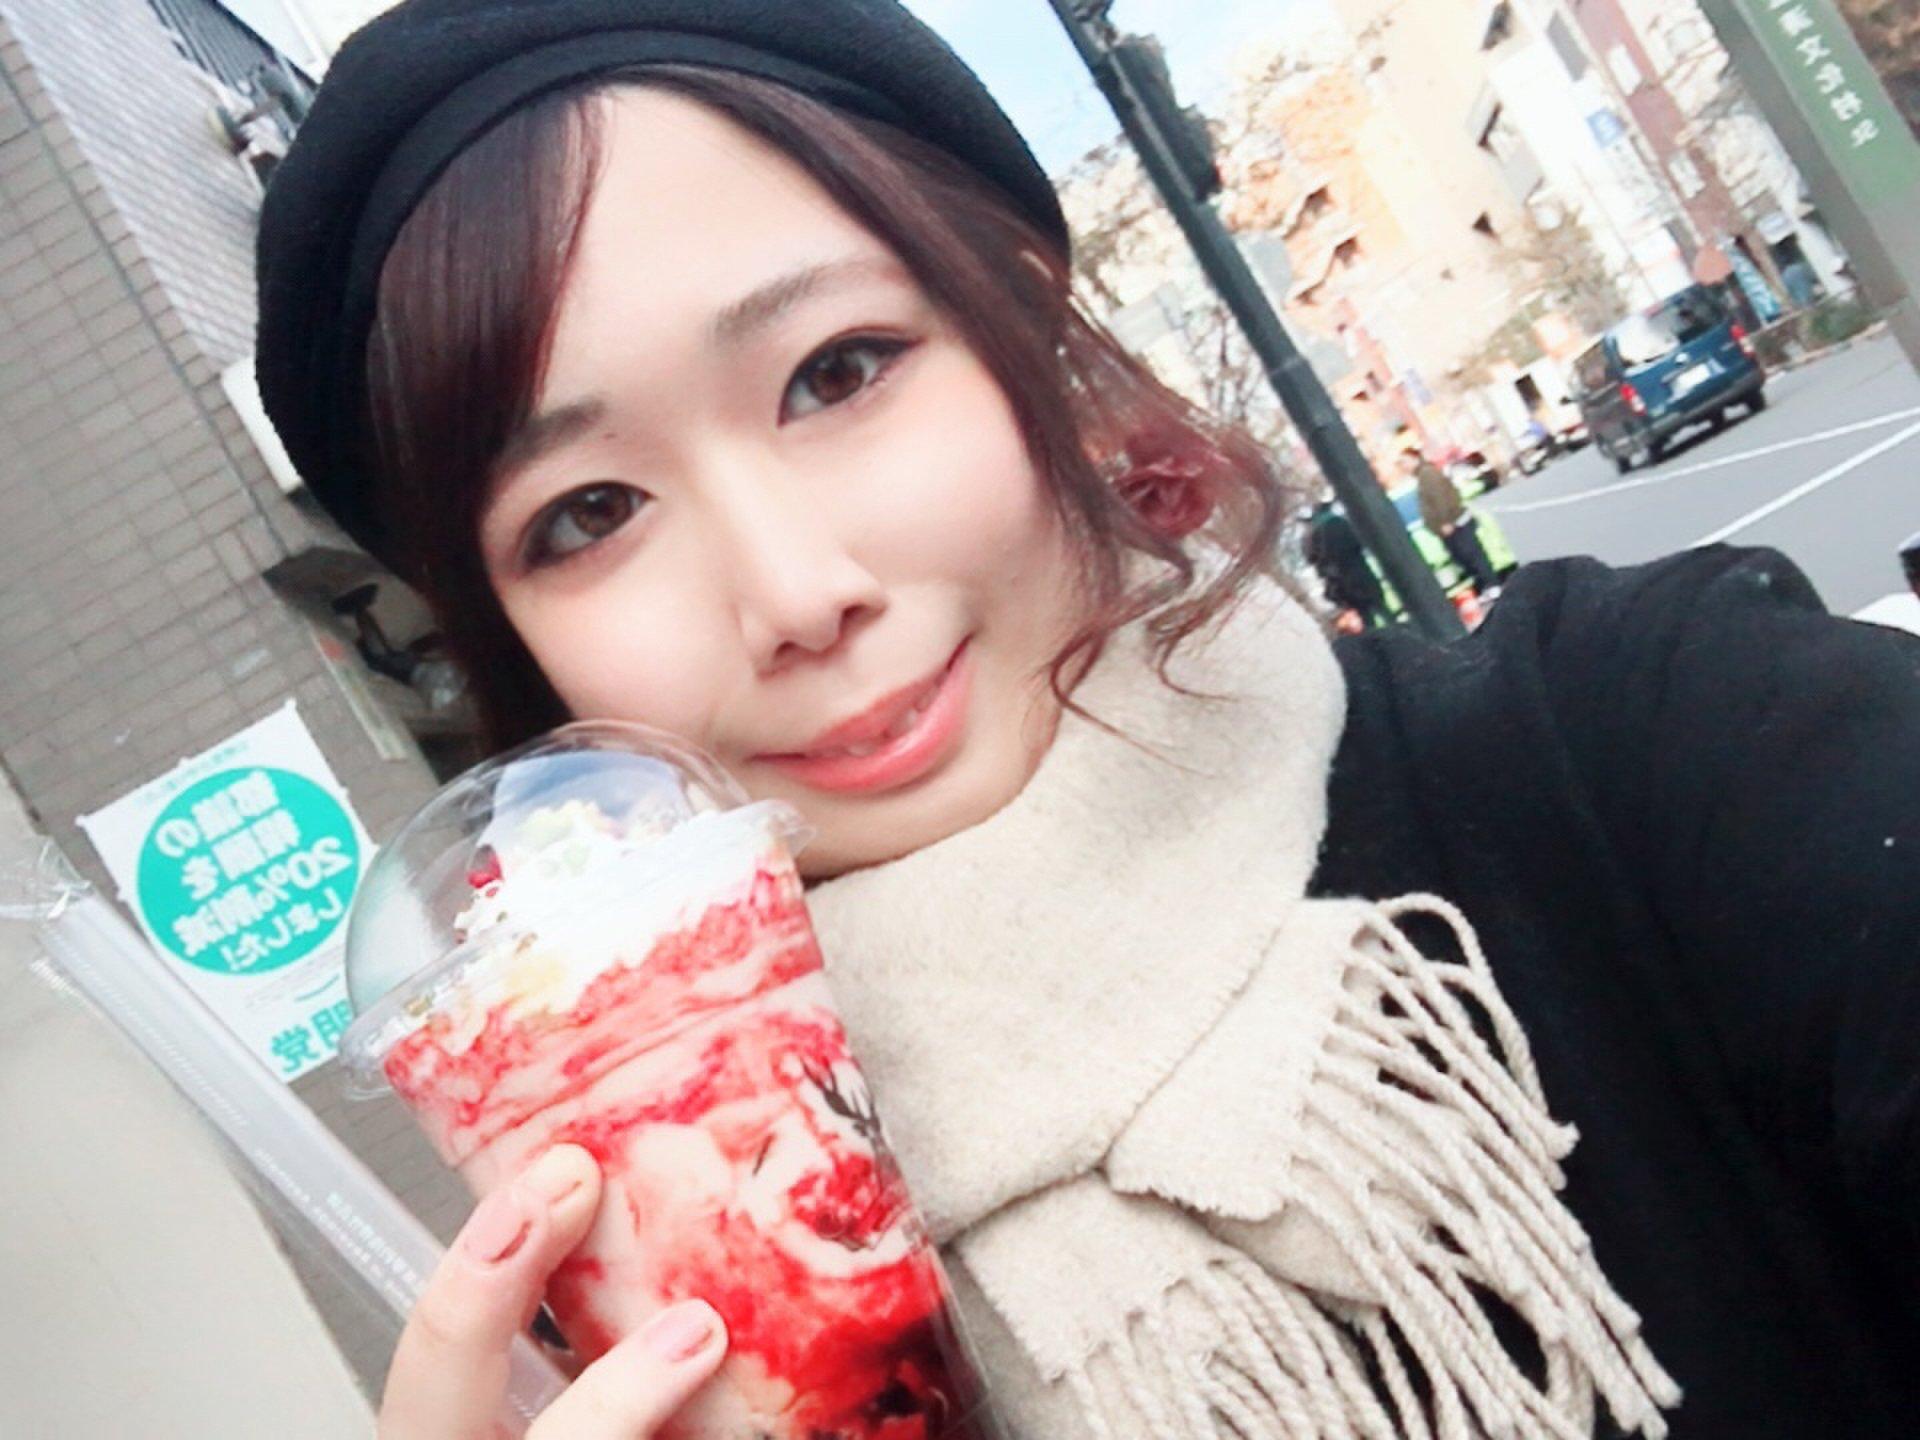 タピオカのゲシュタルト崩壊!渋谷のタピオカティースタンド「ジ アレイ ルージャオシャン」♡